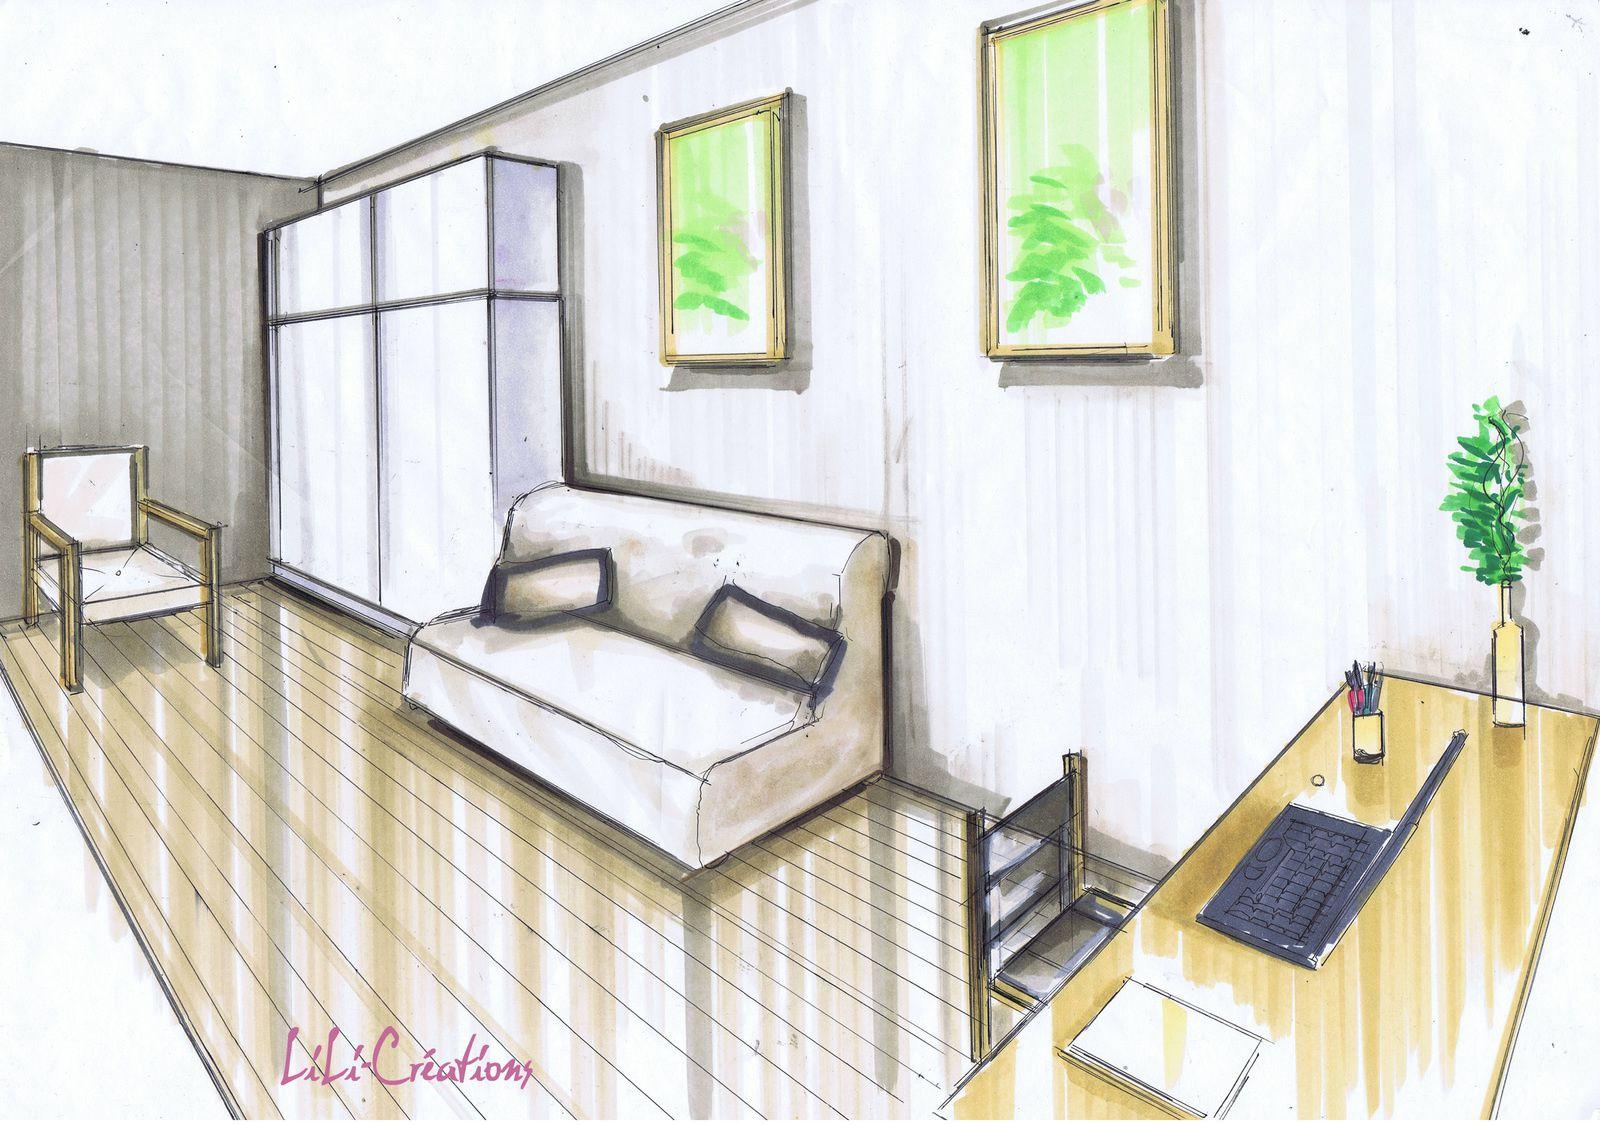 Dessiner Une Chambre En Perspective   Dessiner Meuble 3d Luxe Dessin ...